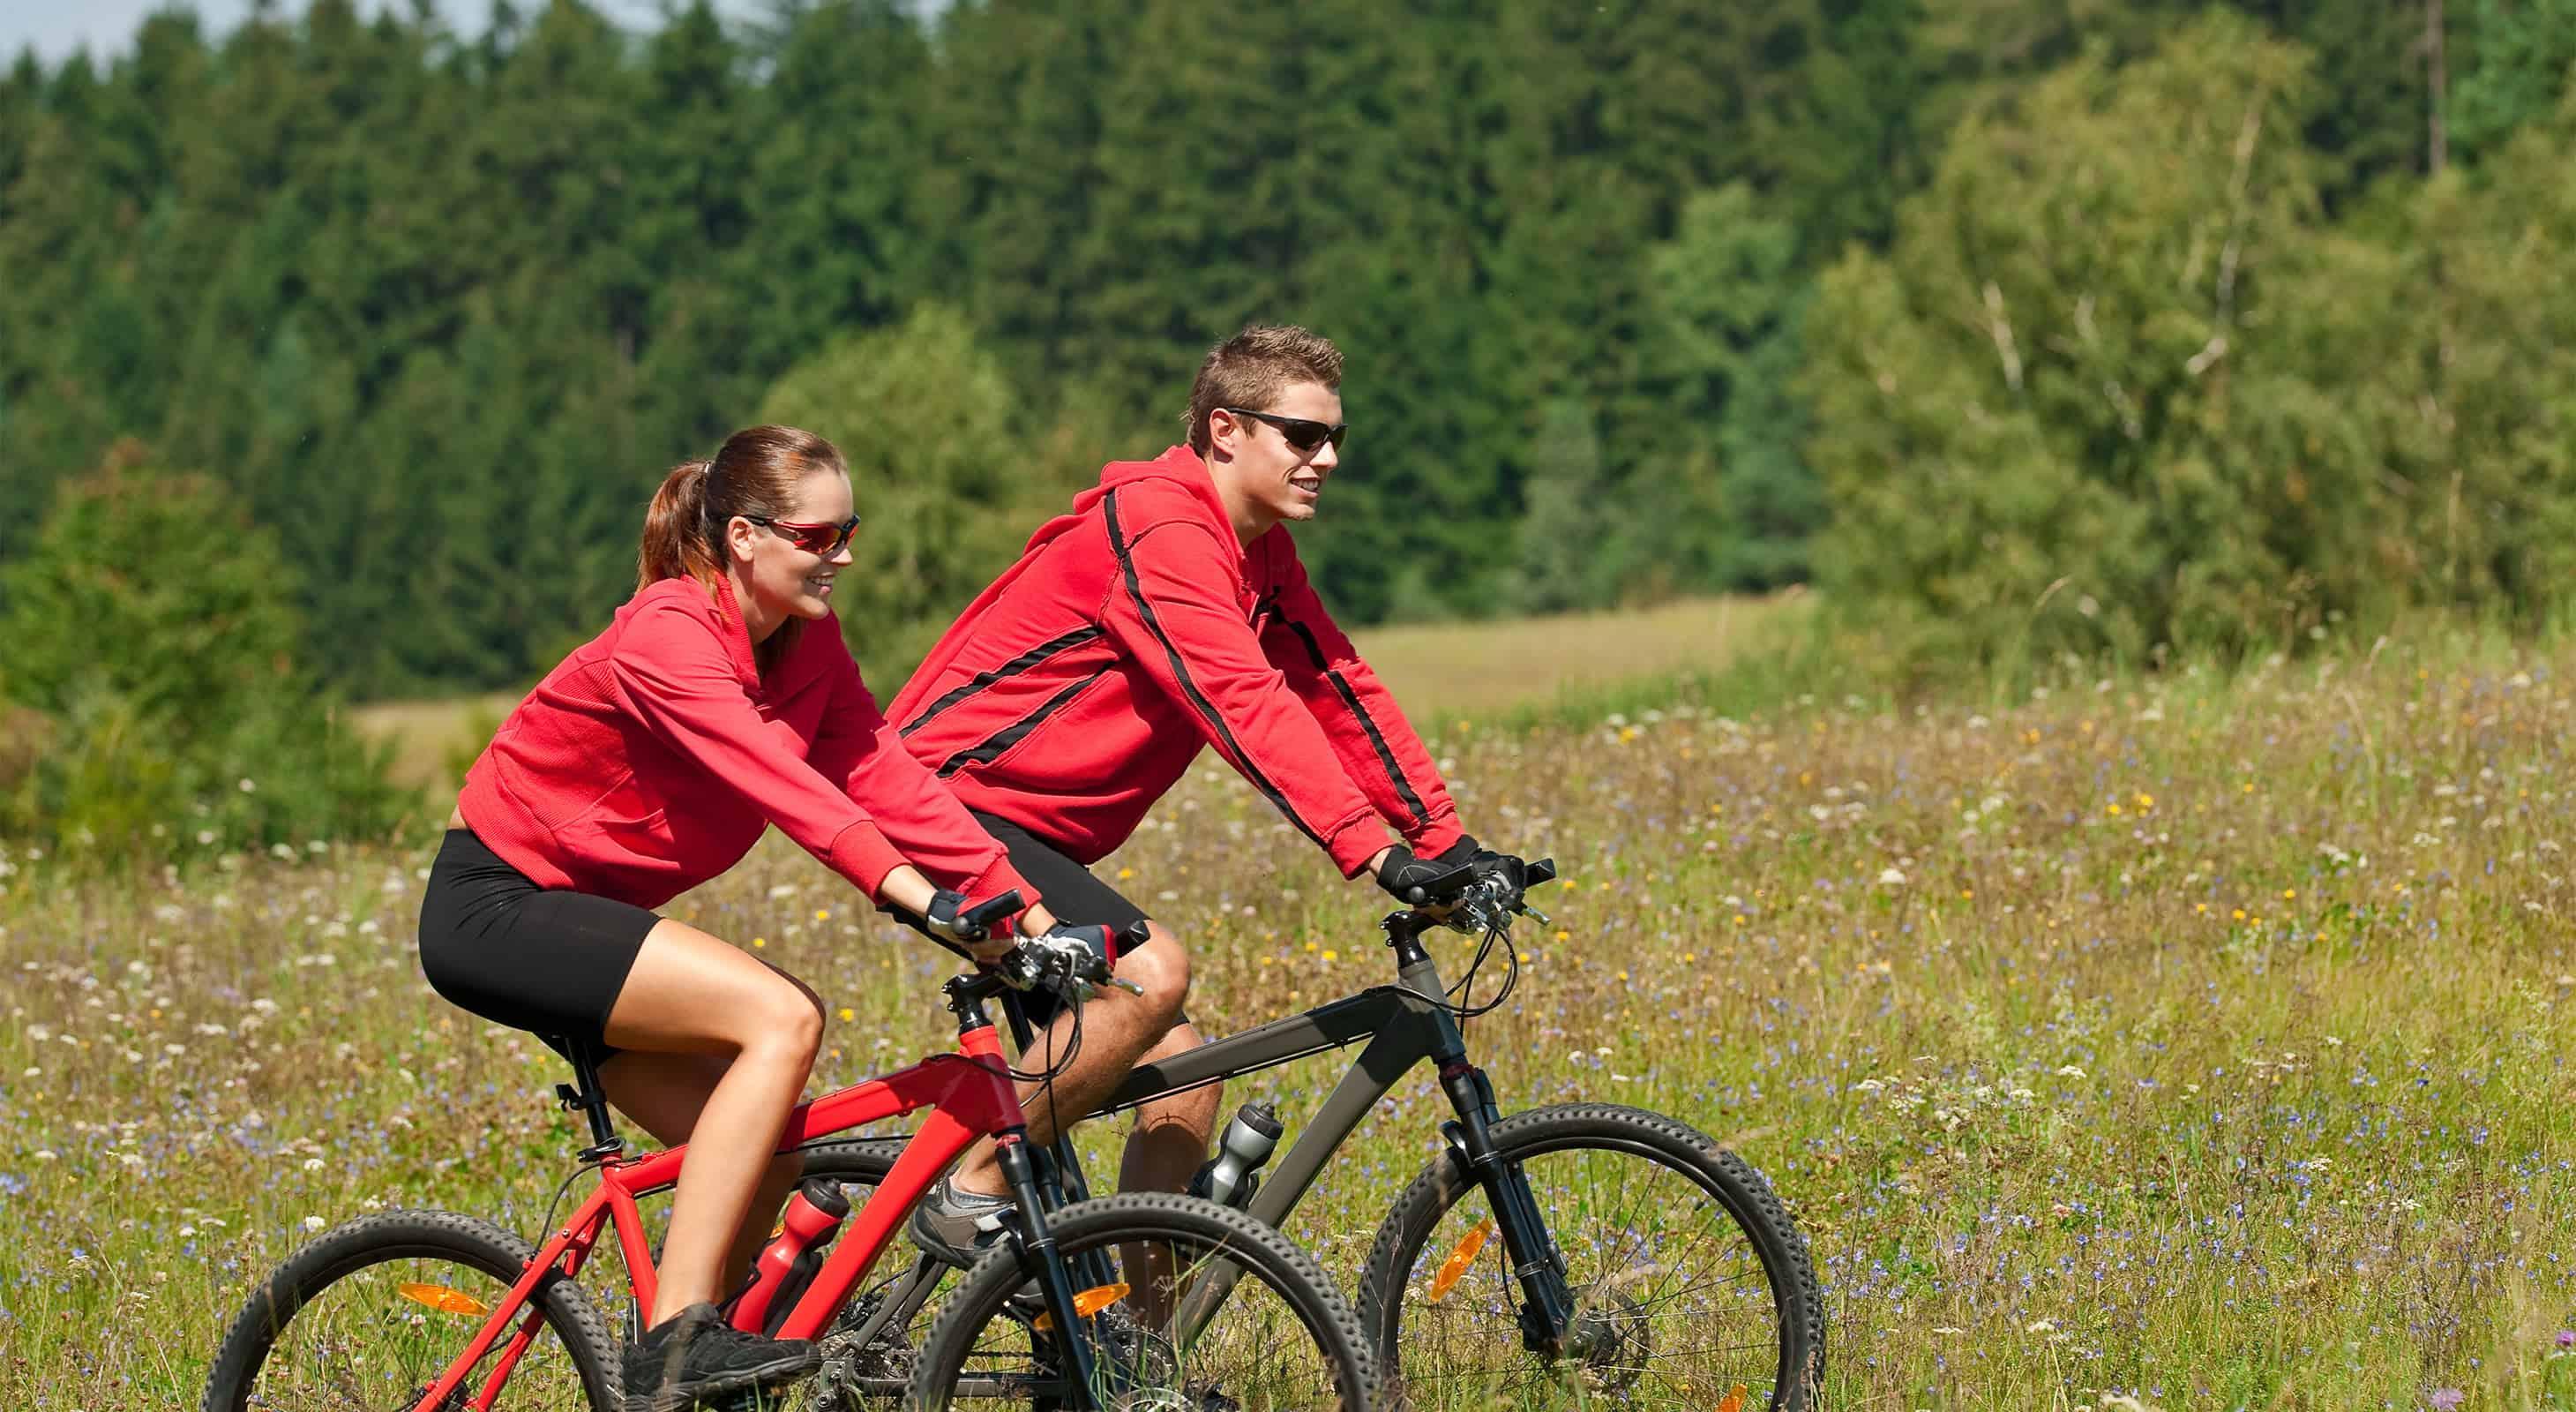 Couple outdoors riding mountain bikes